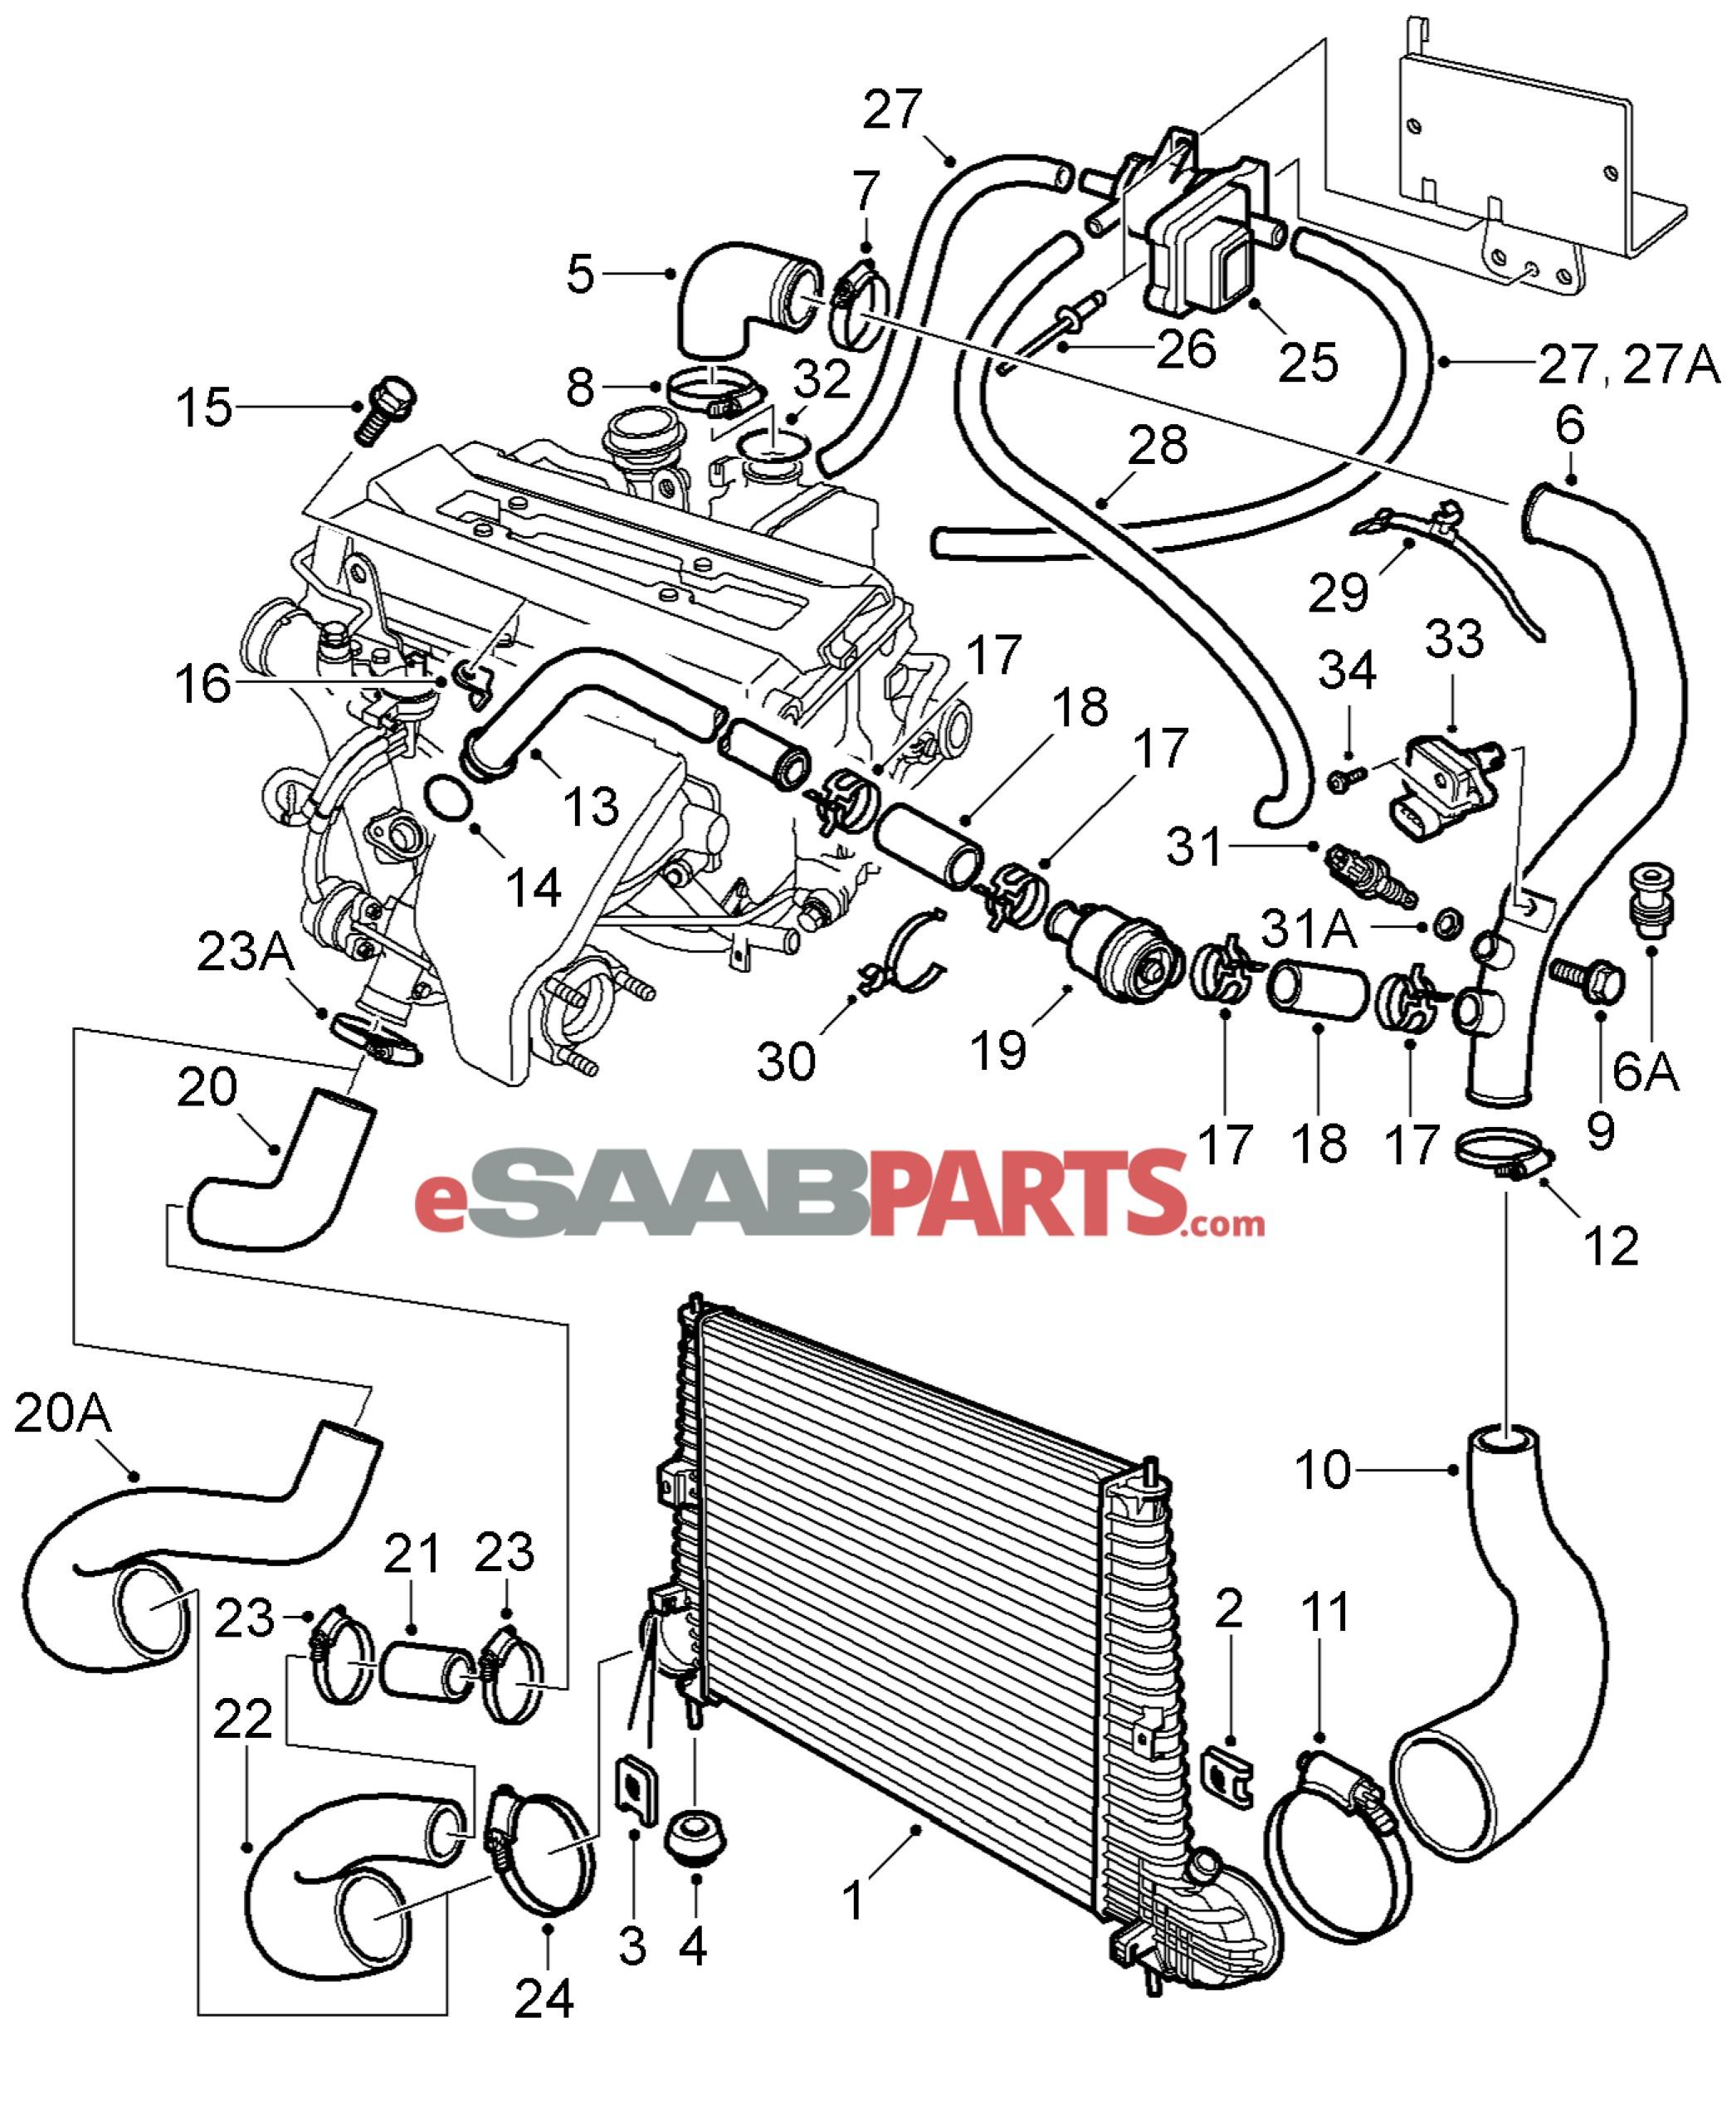 saab 900 engine diagram wiring diagram 500 saab 2001 intake diagram saab 2 3 turbo engine diagram #3